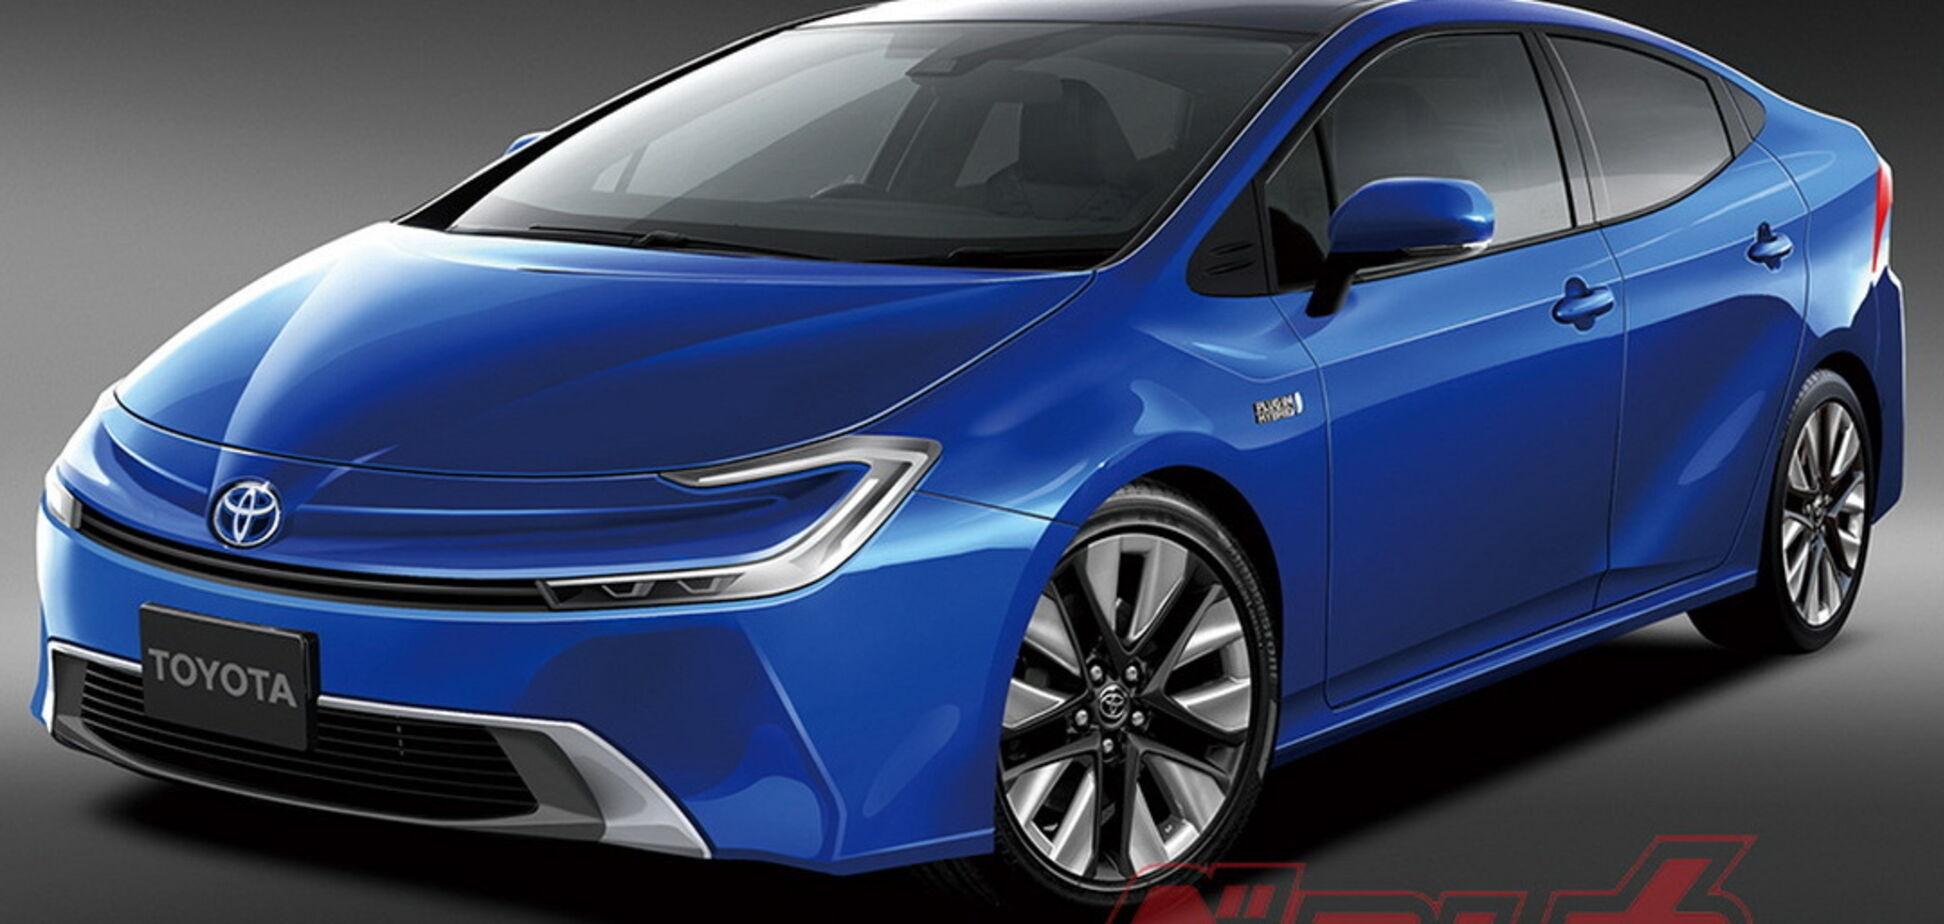 Toyota Prius перейдет на водород в 2025